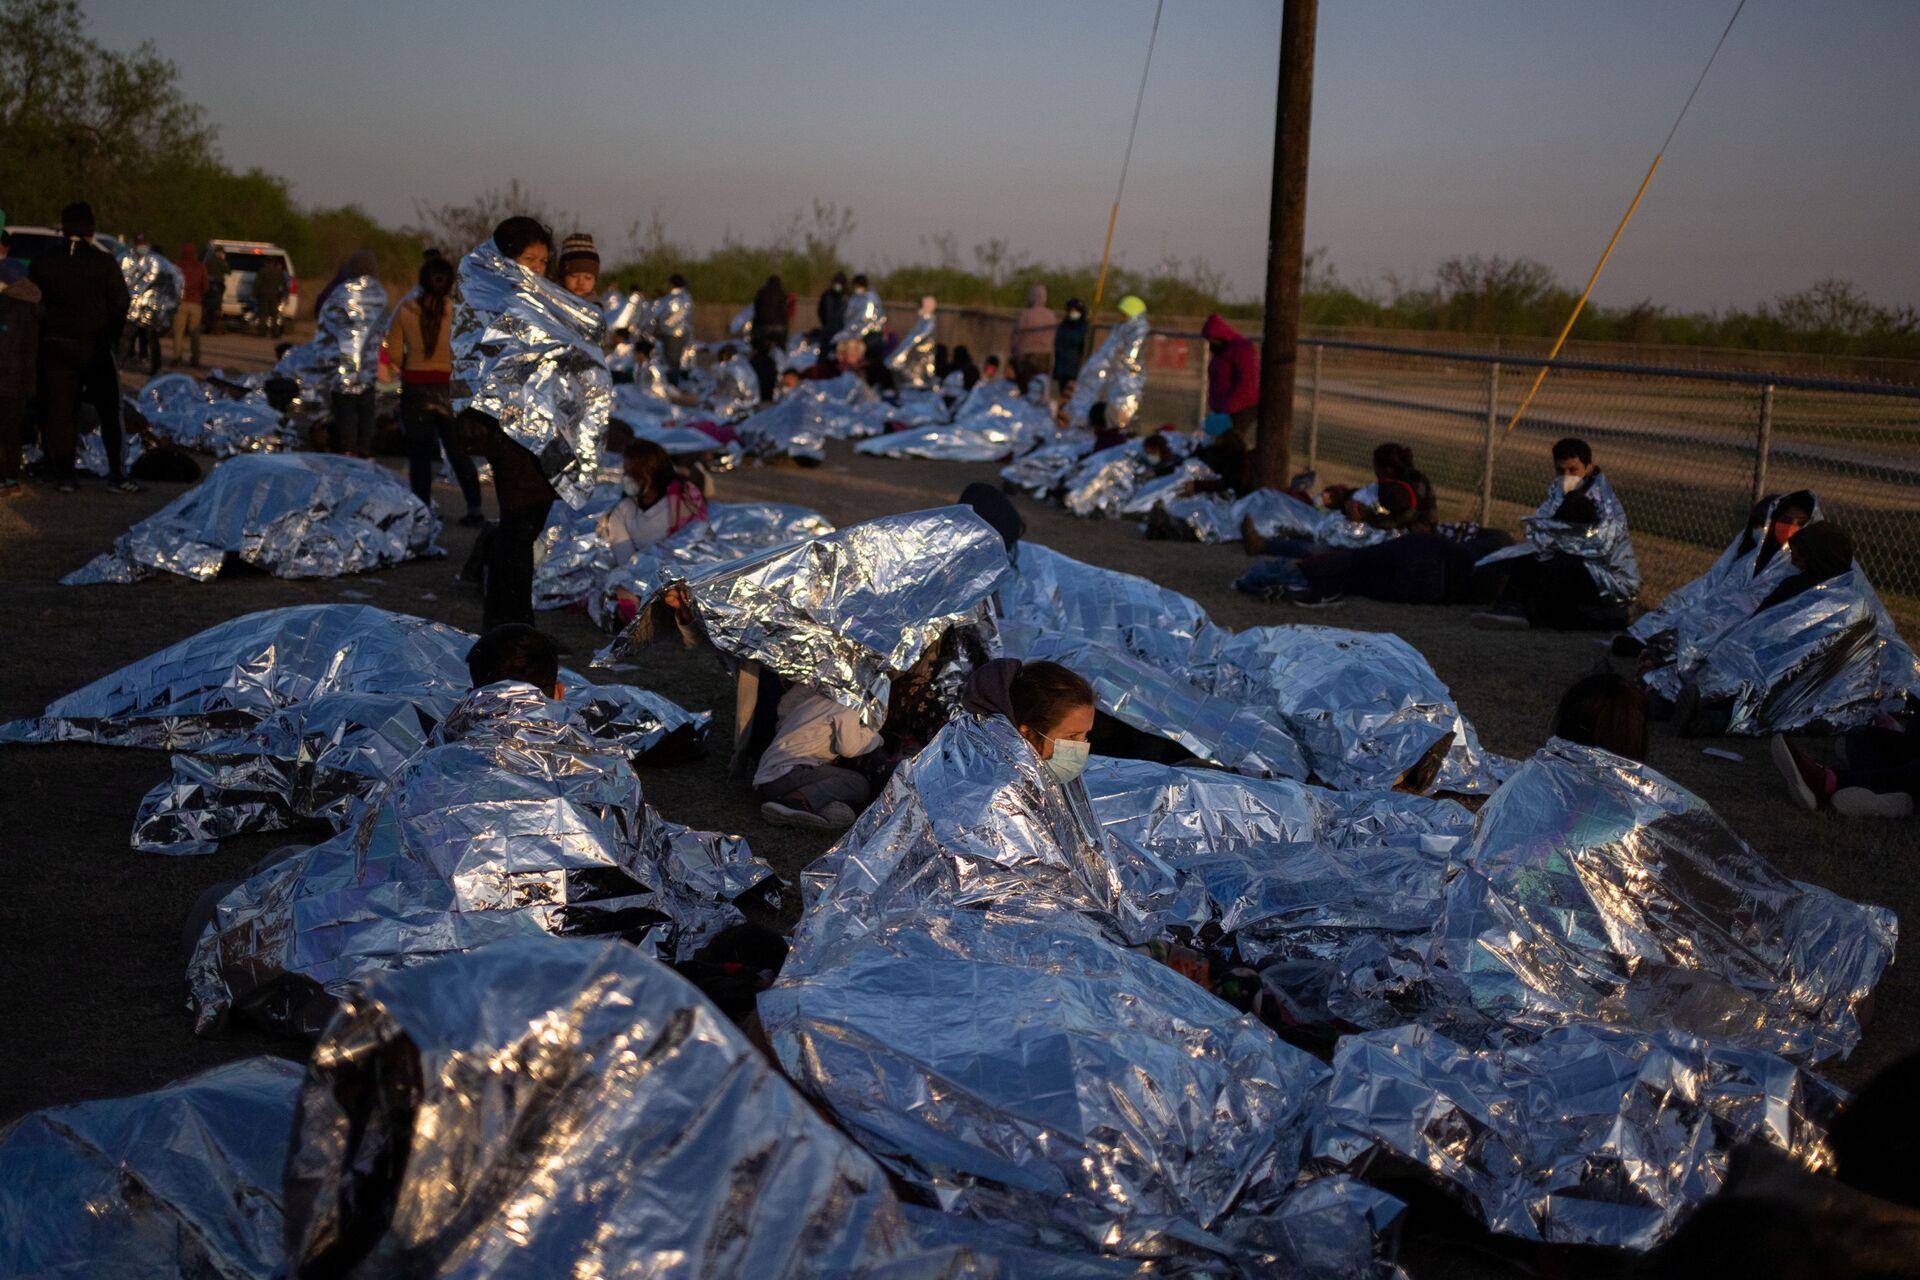 Masowy najazd migrantów na granicę USA. Biden prosi: Nie przyjeżdżajcie – wideo, foto - Sputnik Polska, 1920, 22.03.2021